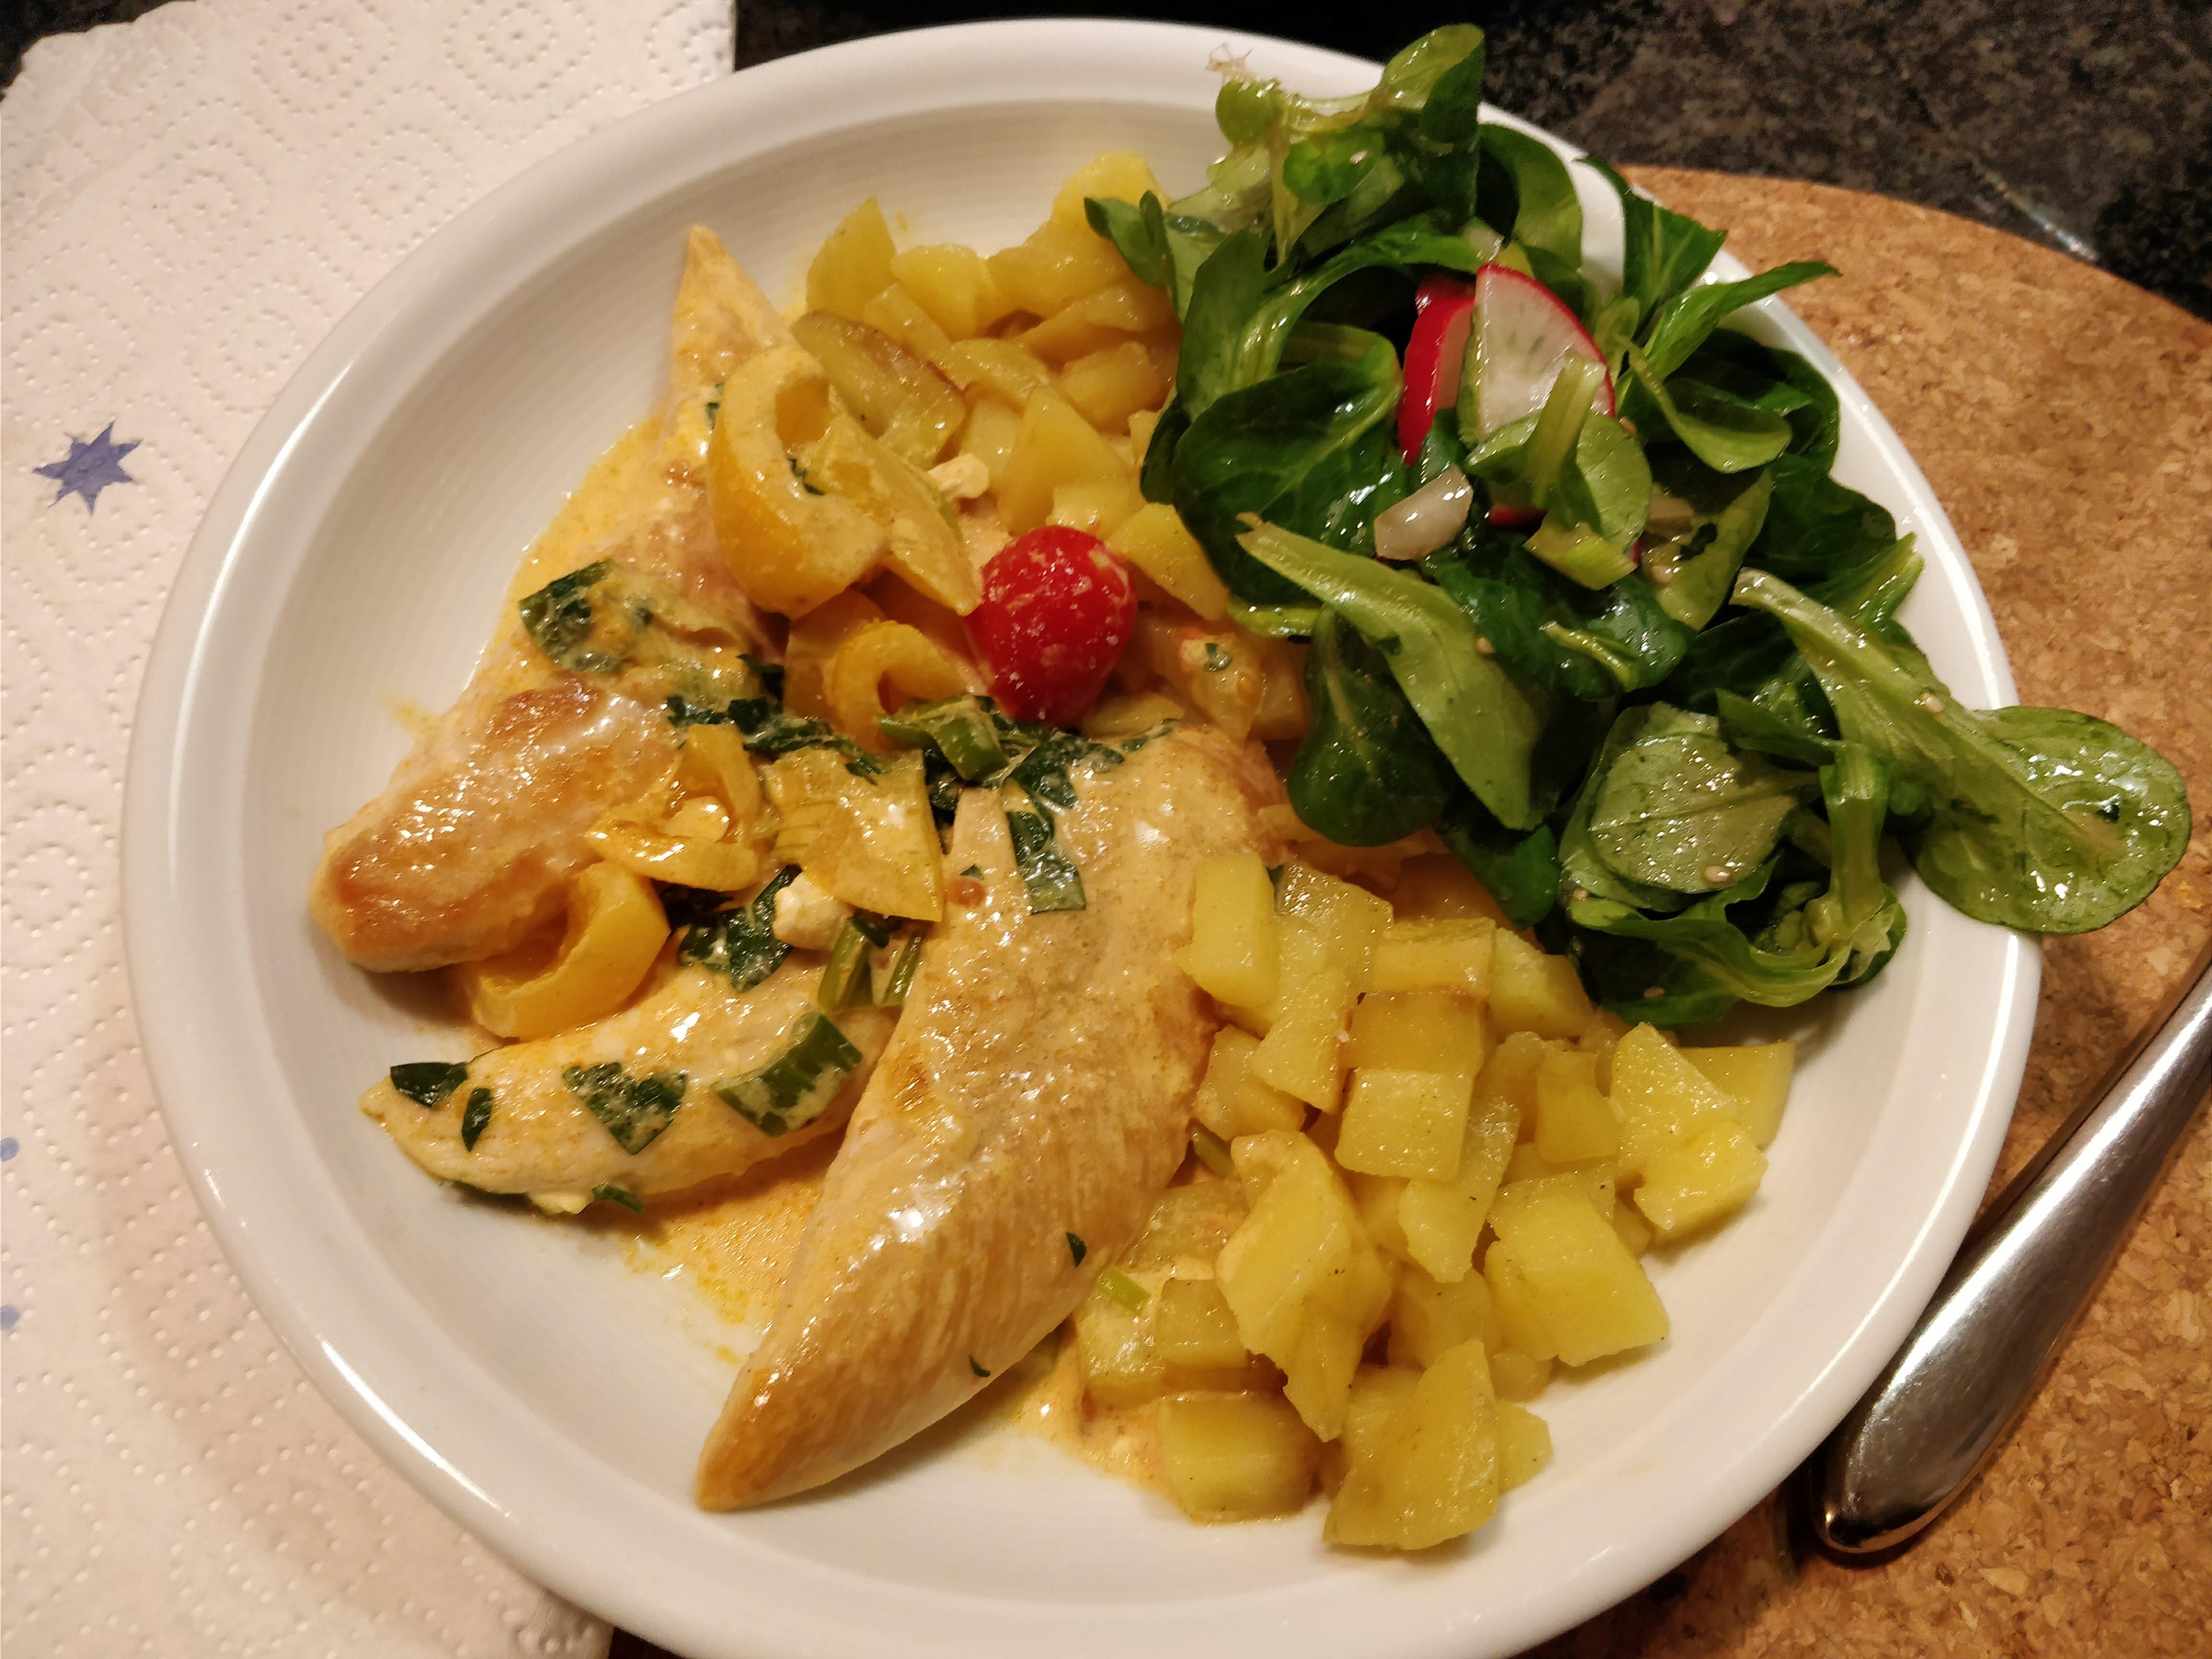 https://foodloader.net/nico_2017-12-16_fleisch-kartoffeln-salat.jpg